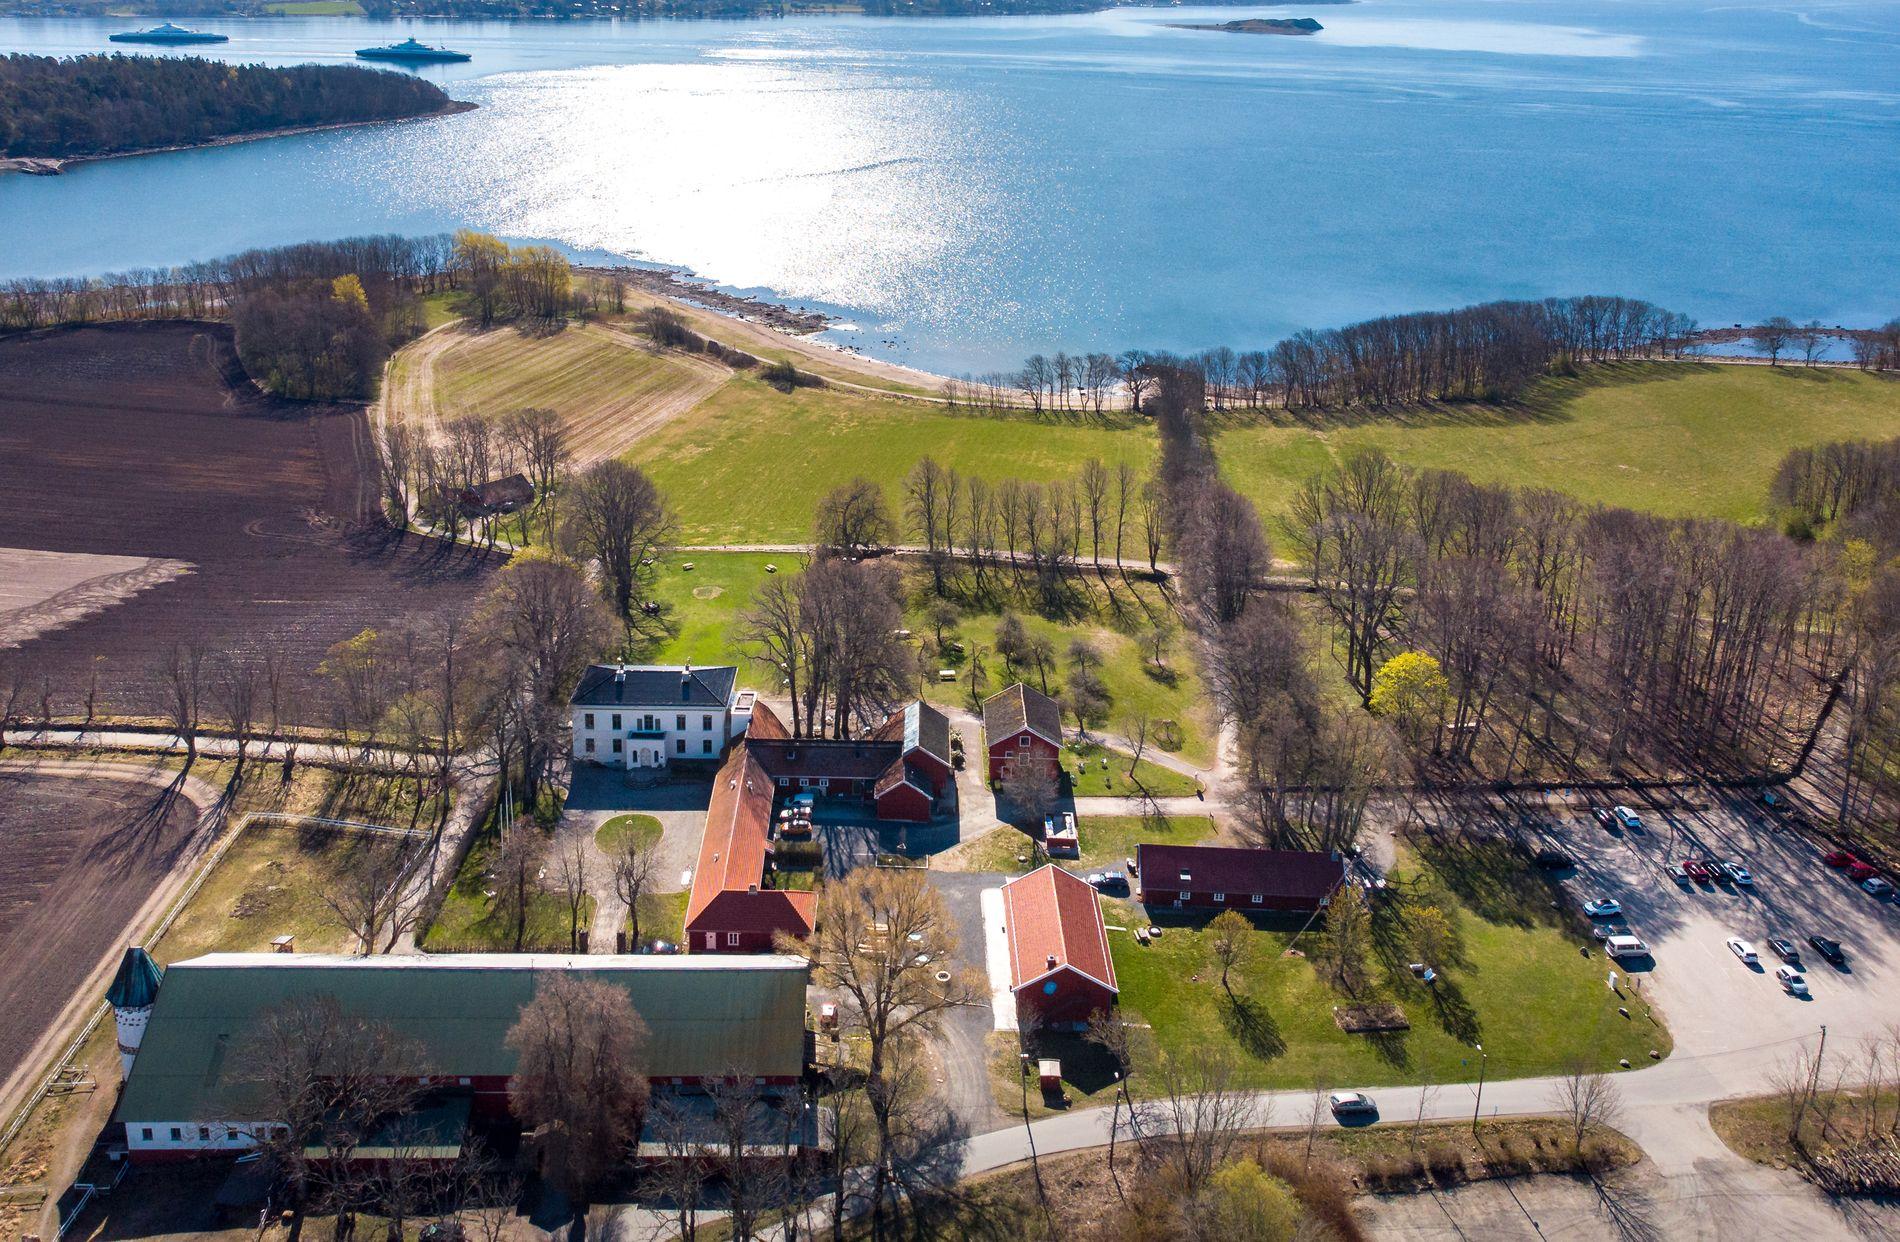 HISTORISK: Alby gård er den eldste gården på Jeløy, med røtter tilbake til vikingtiden. I den hvite hovedbyningen holder Galleri F 15 til.